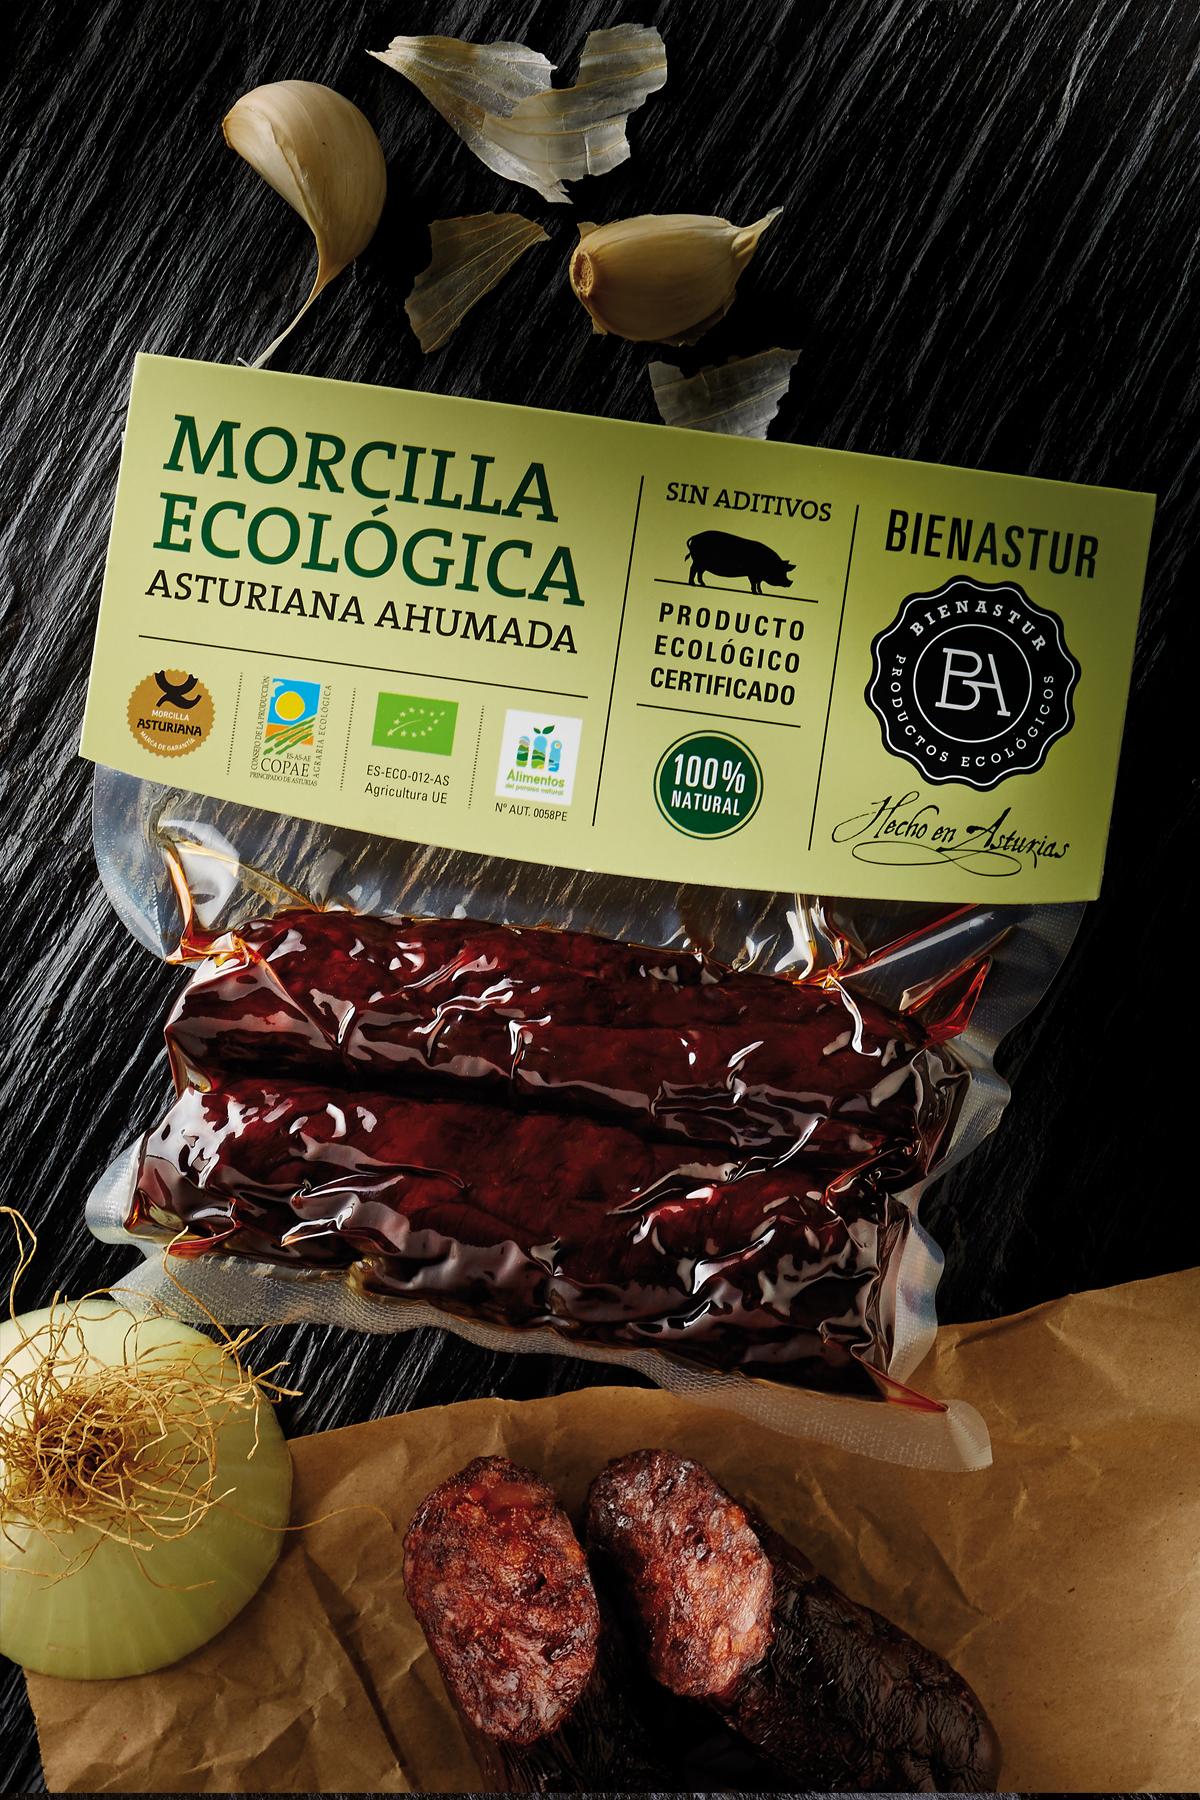 Morcilla Ecológica Bienastur 200g